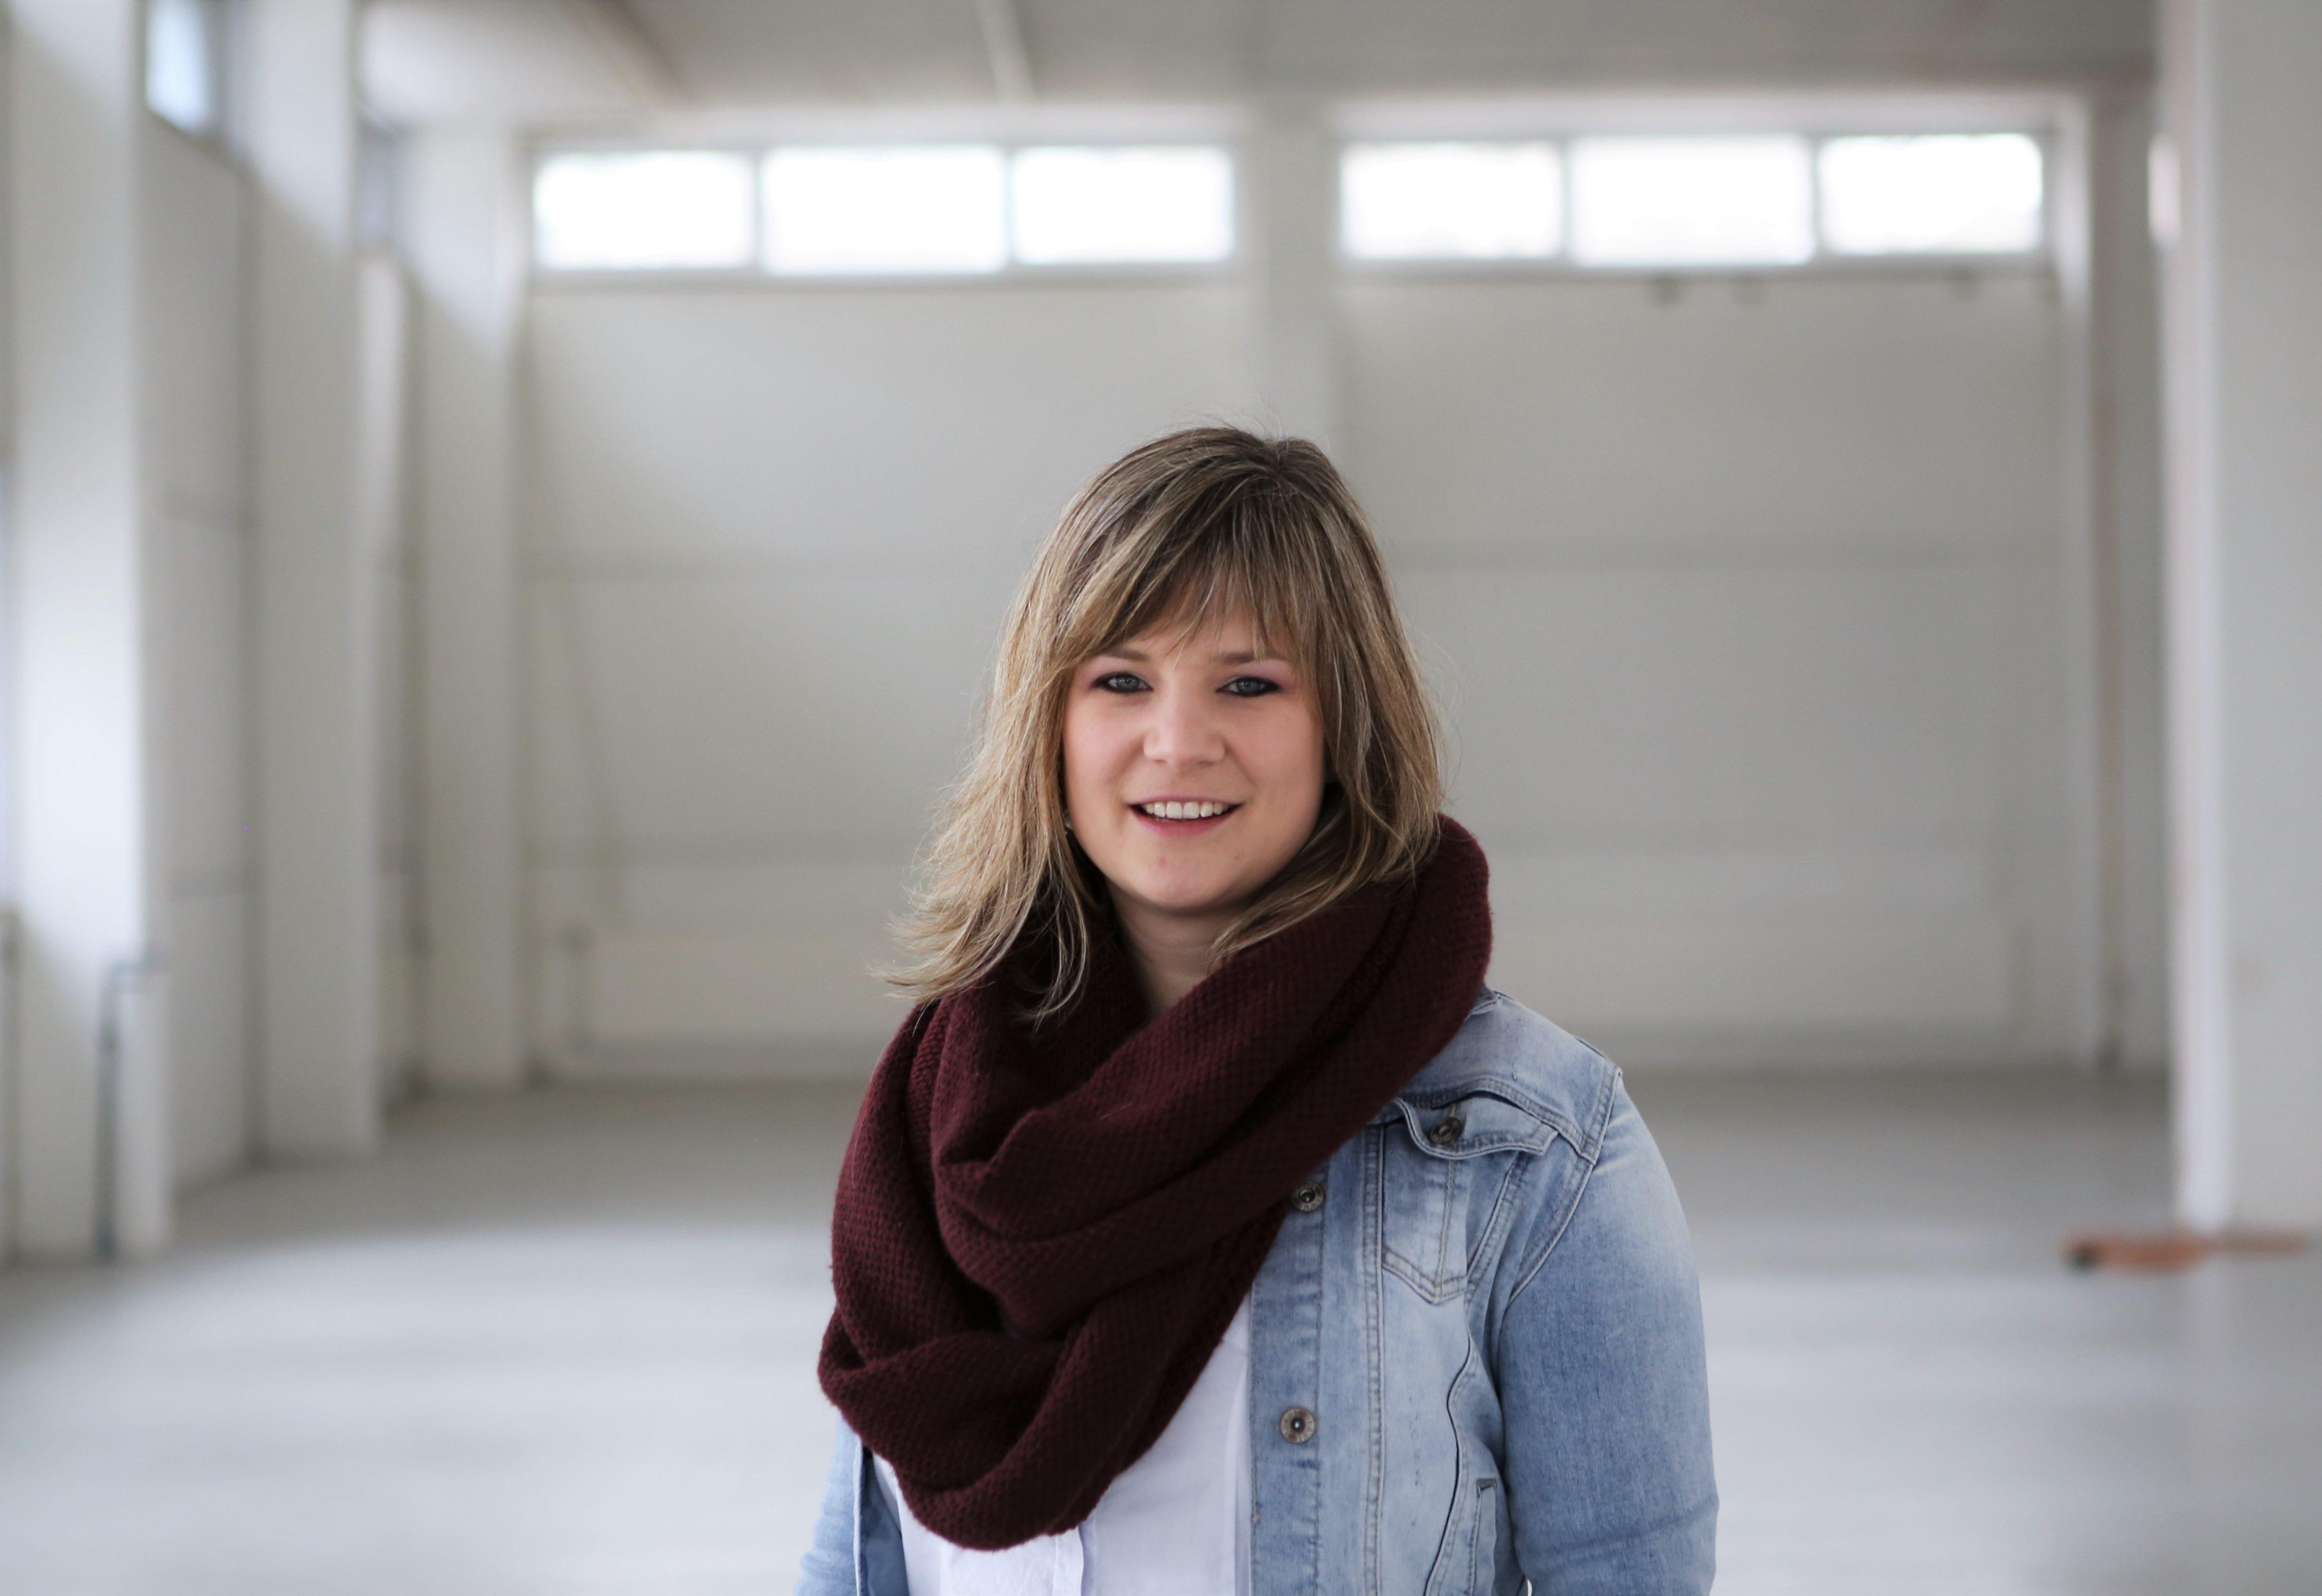 Corinne Bollinger